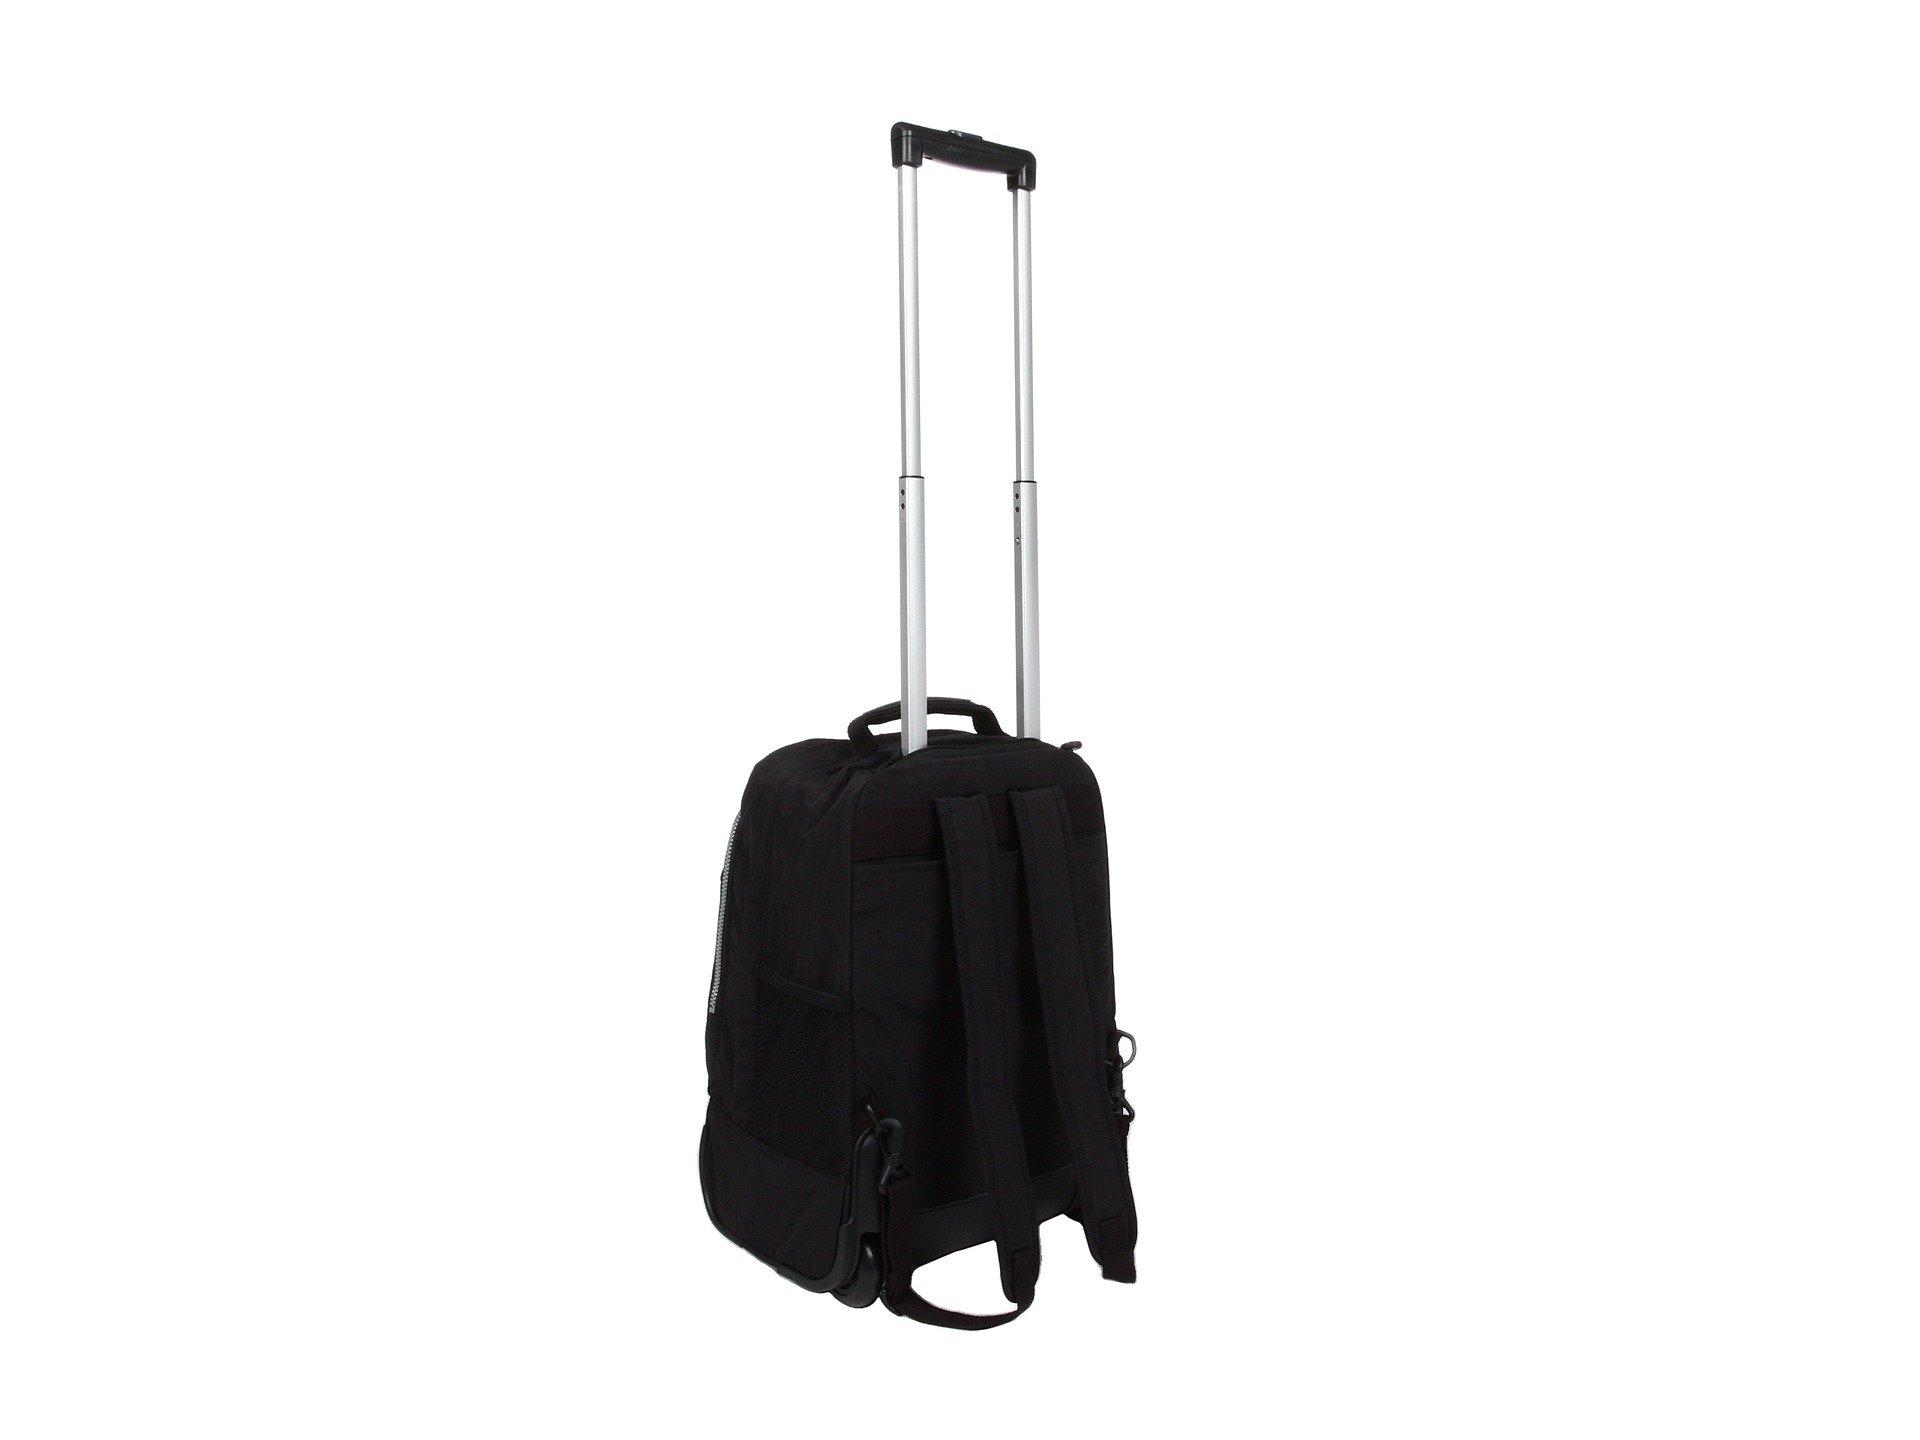 Kipling Wheeled Sanaa Kipling Black Backpack Wheeled Black Backpack Kipling Sanaa I4wqxTp7B